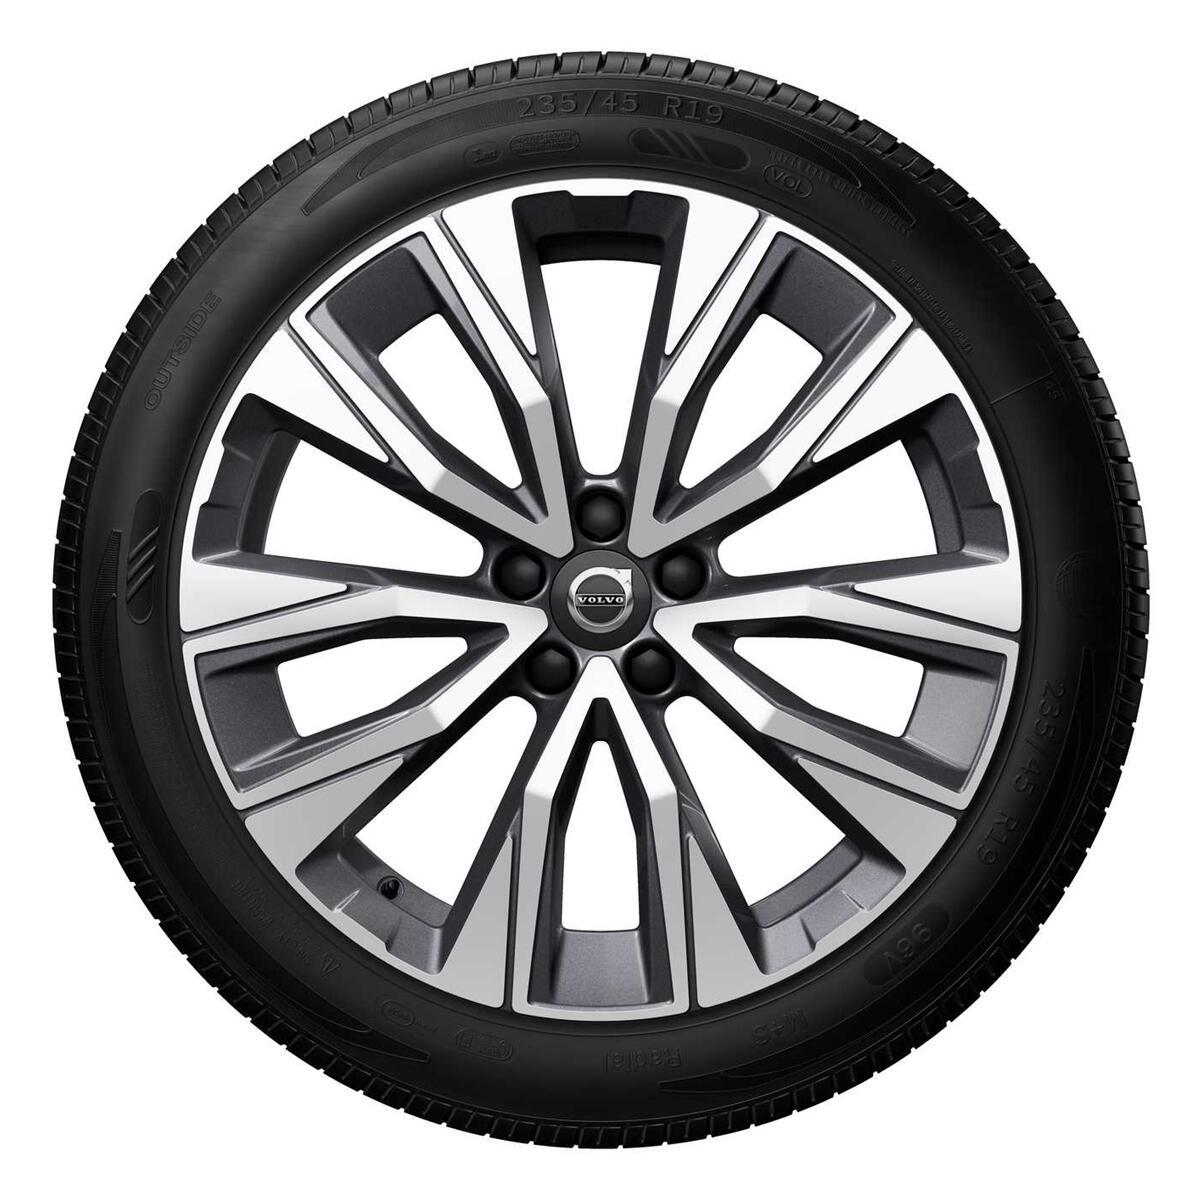 Komplet zimskih kotača: 19'', gume Continental